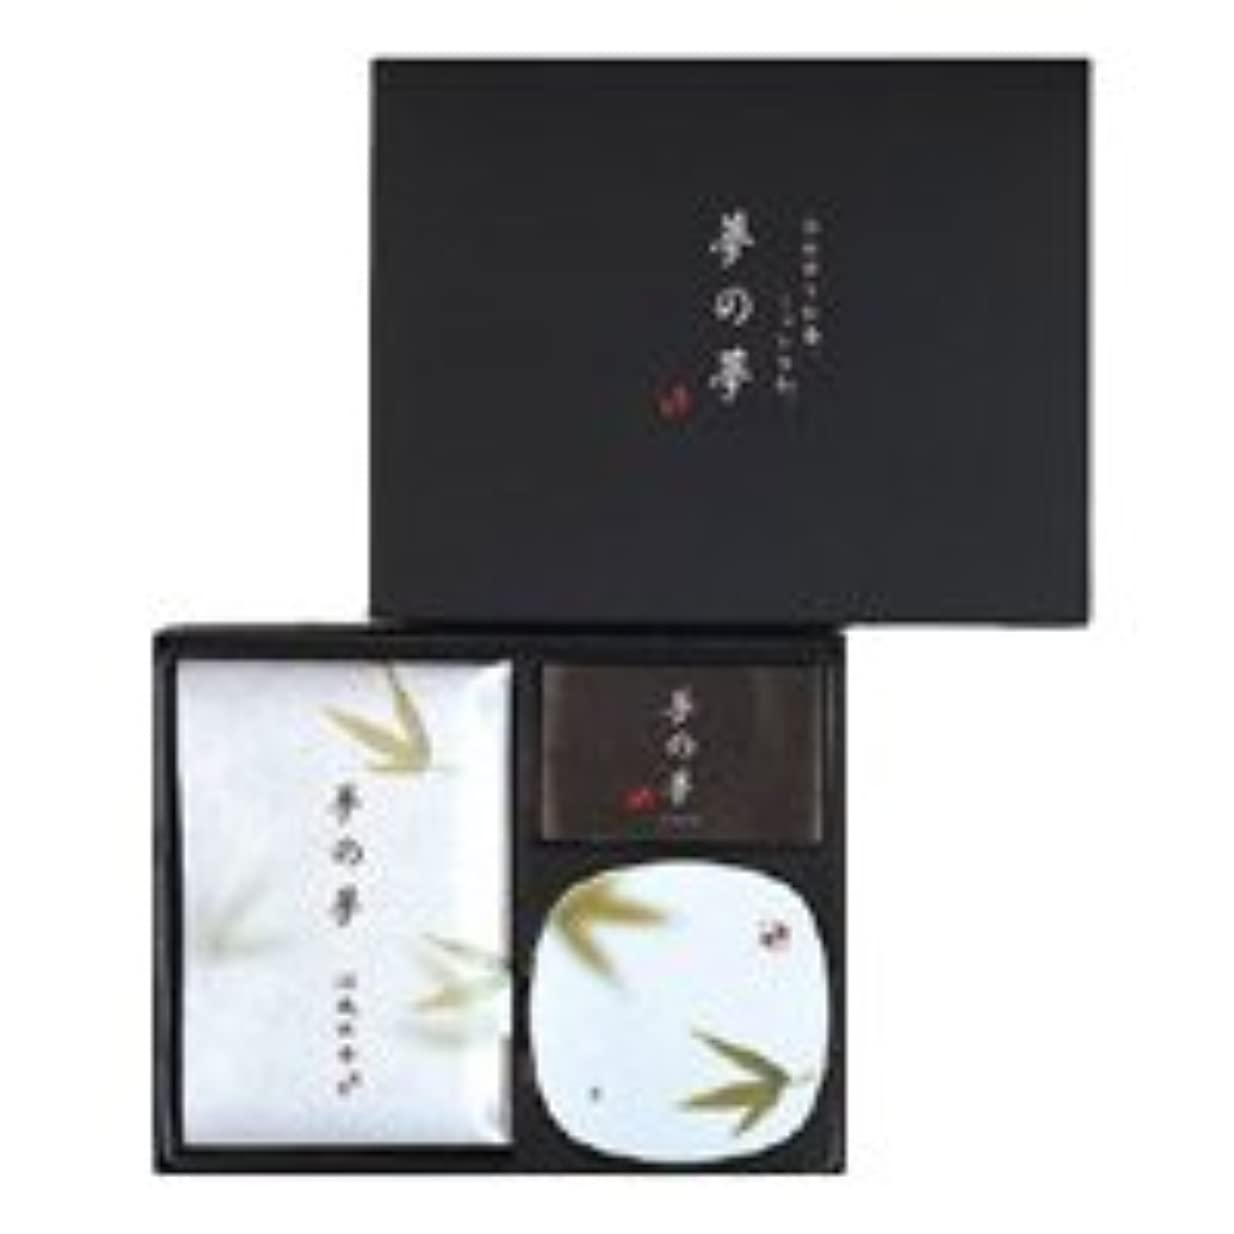 メタリック植生まぶしさ日本香堂 夢の夢 涼風の香(すずかぜ) お香 ギフト